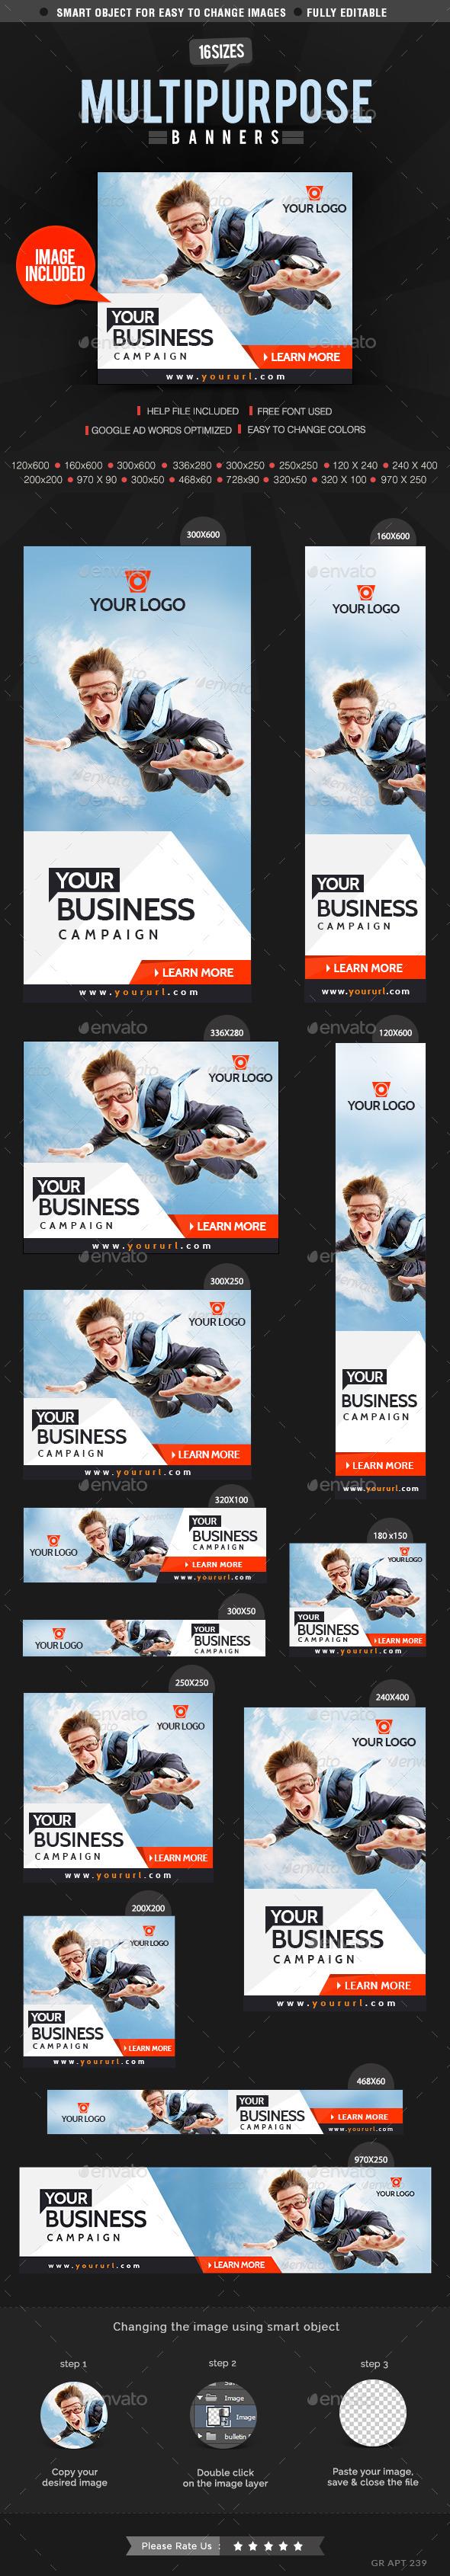 GraphicRiver Multipurpose Corporate Banners 9848274